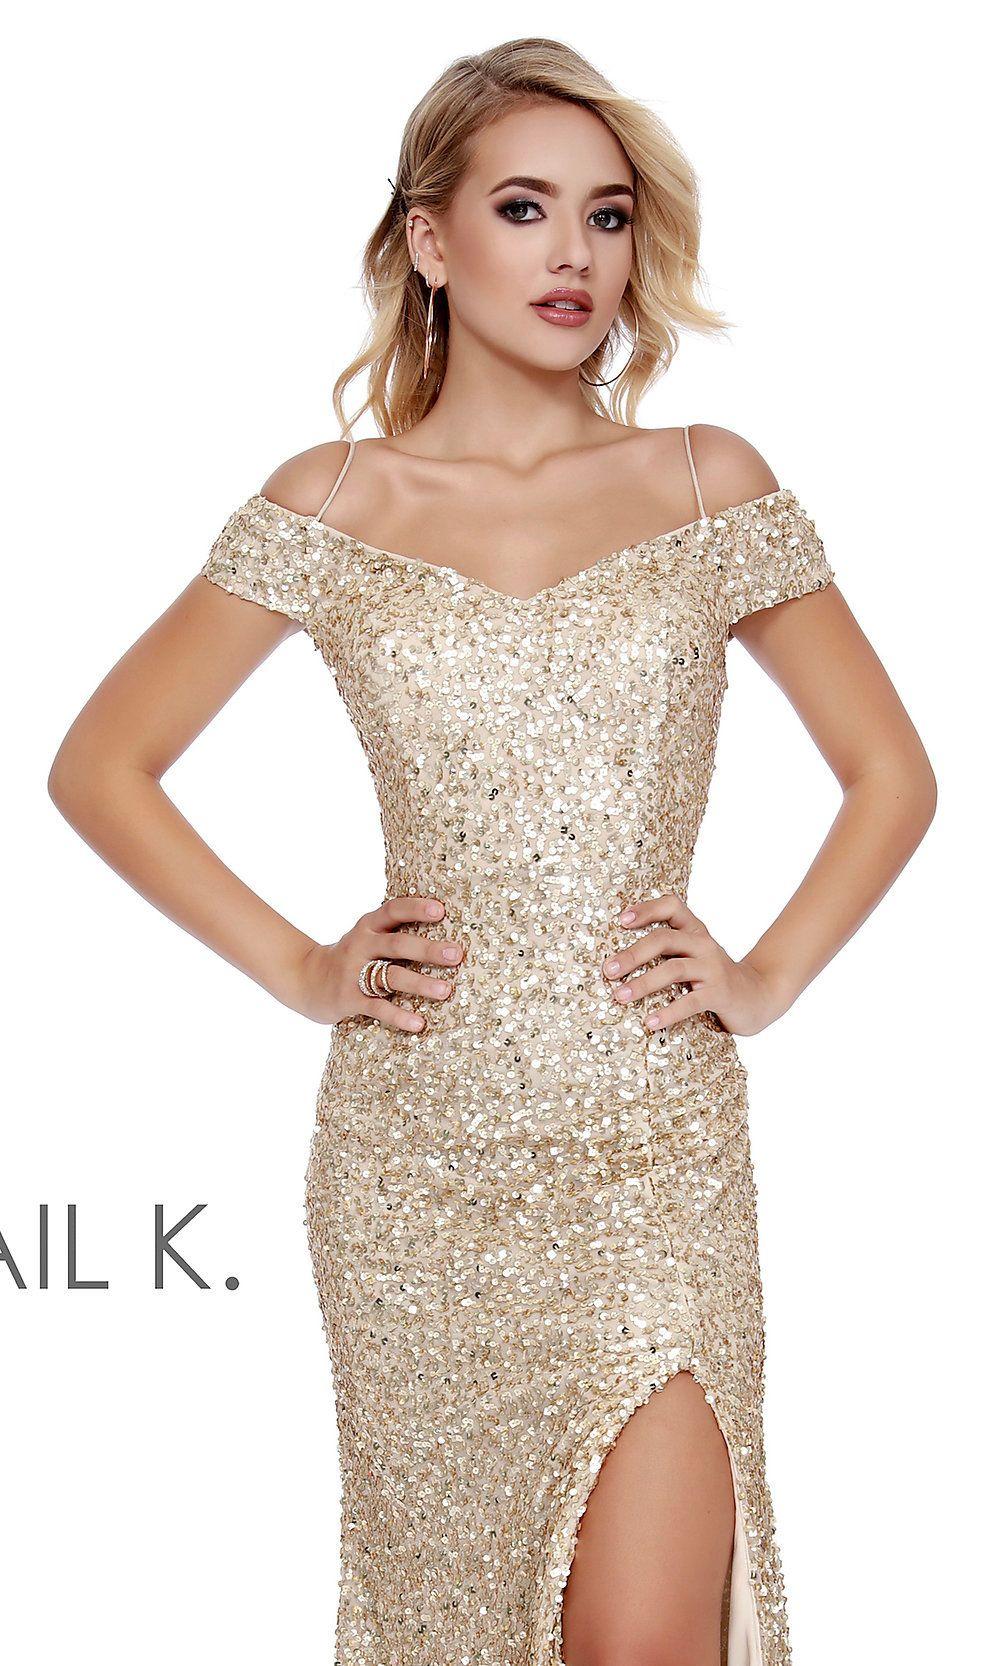 Long Sequin Off The Shoulder Designer Prom Dress Dresses Prom Designs Sparkly Prom Dresses [ 1666 x 1000 Pixel ]